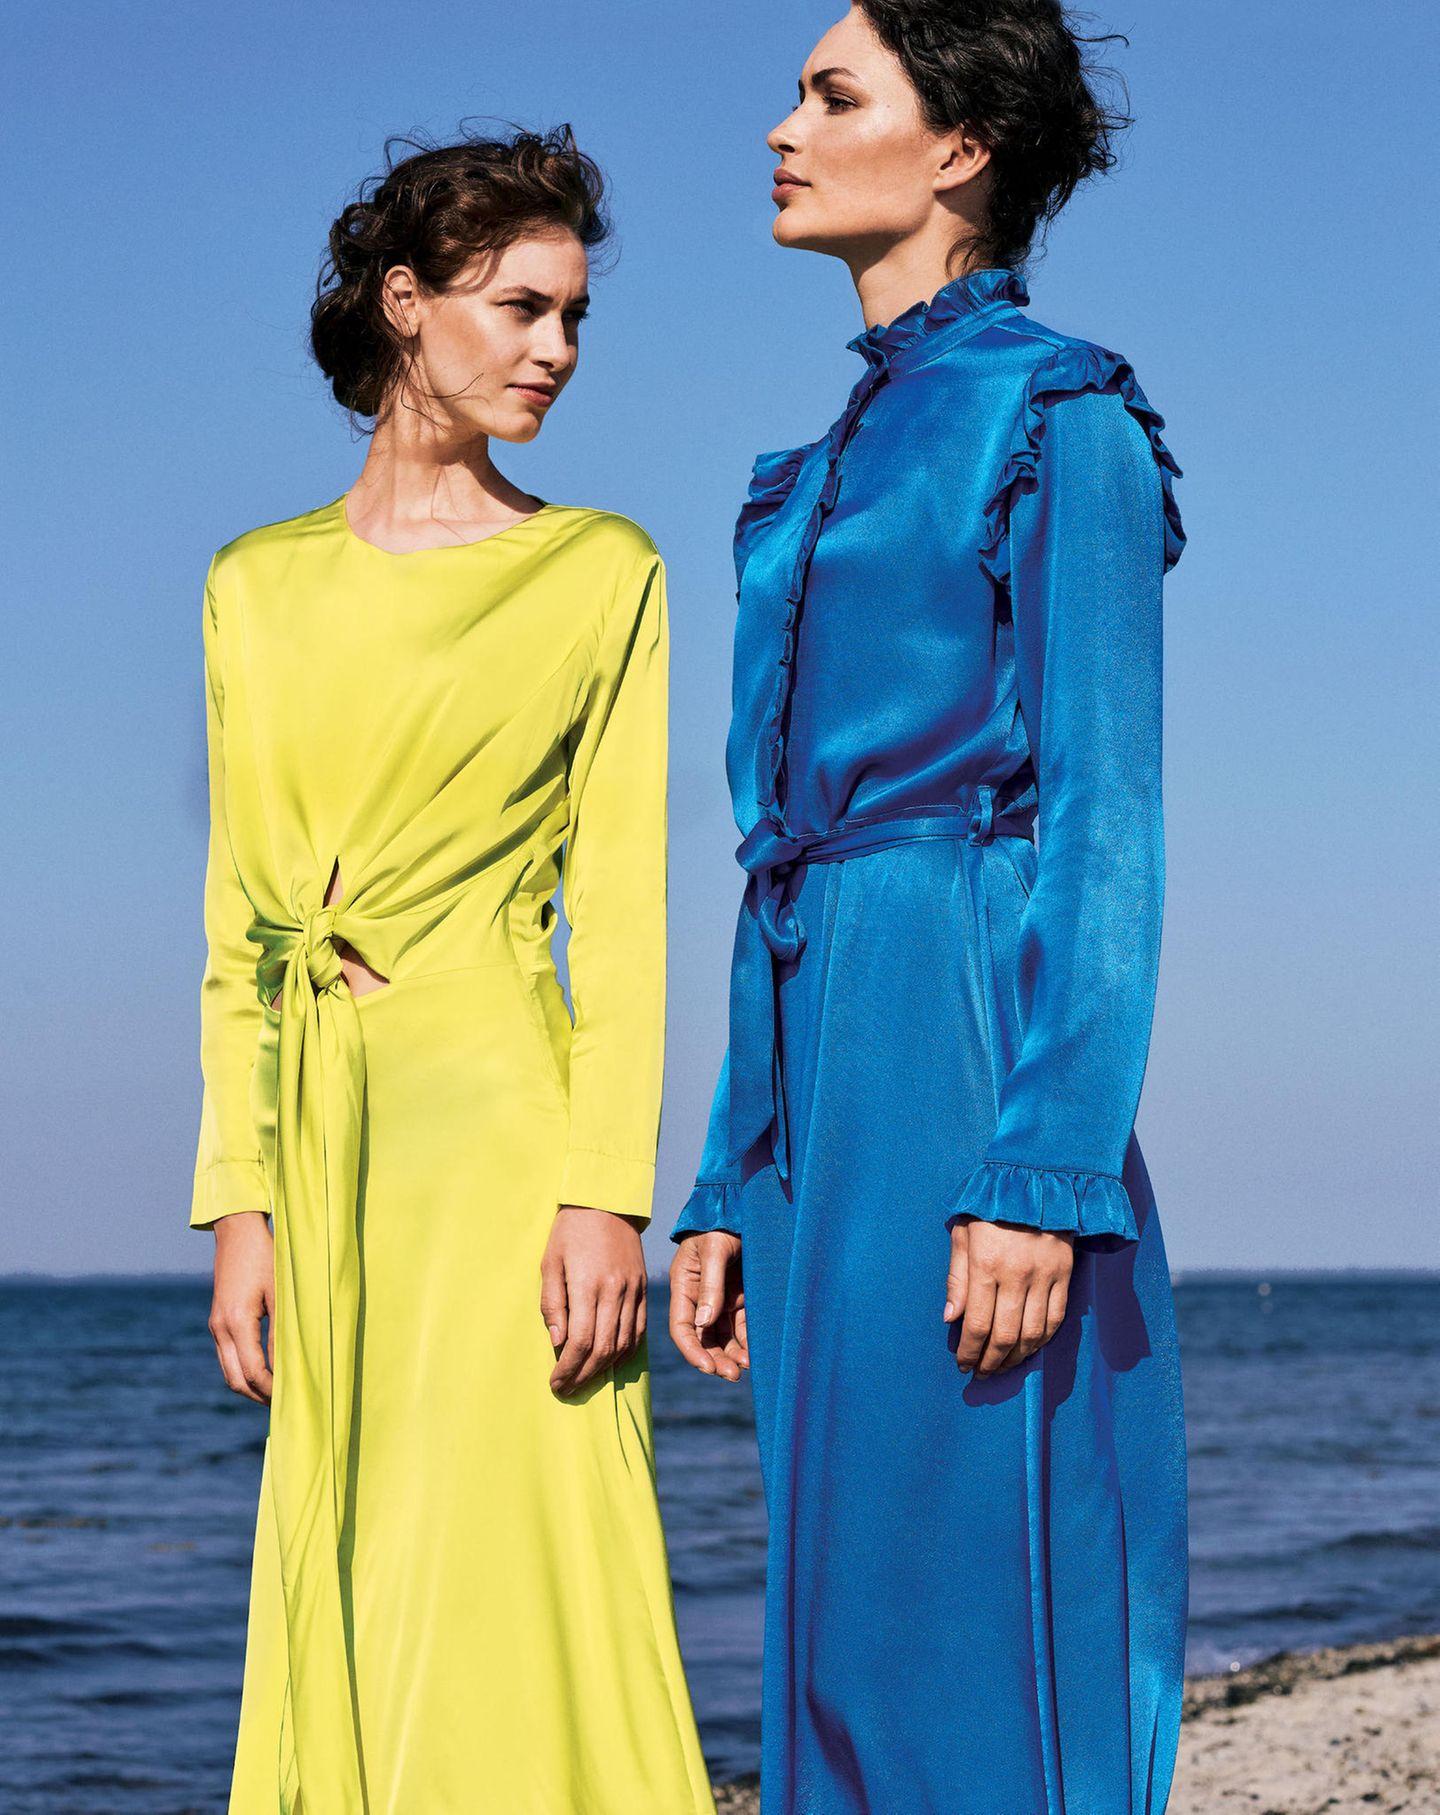 Zwei Frauen mit Kleidern aus Satin in blau und gelb